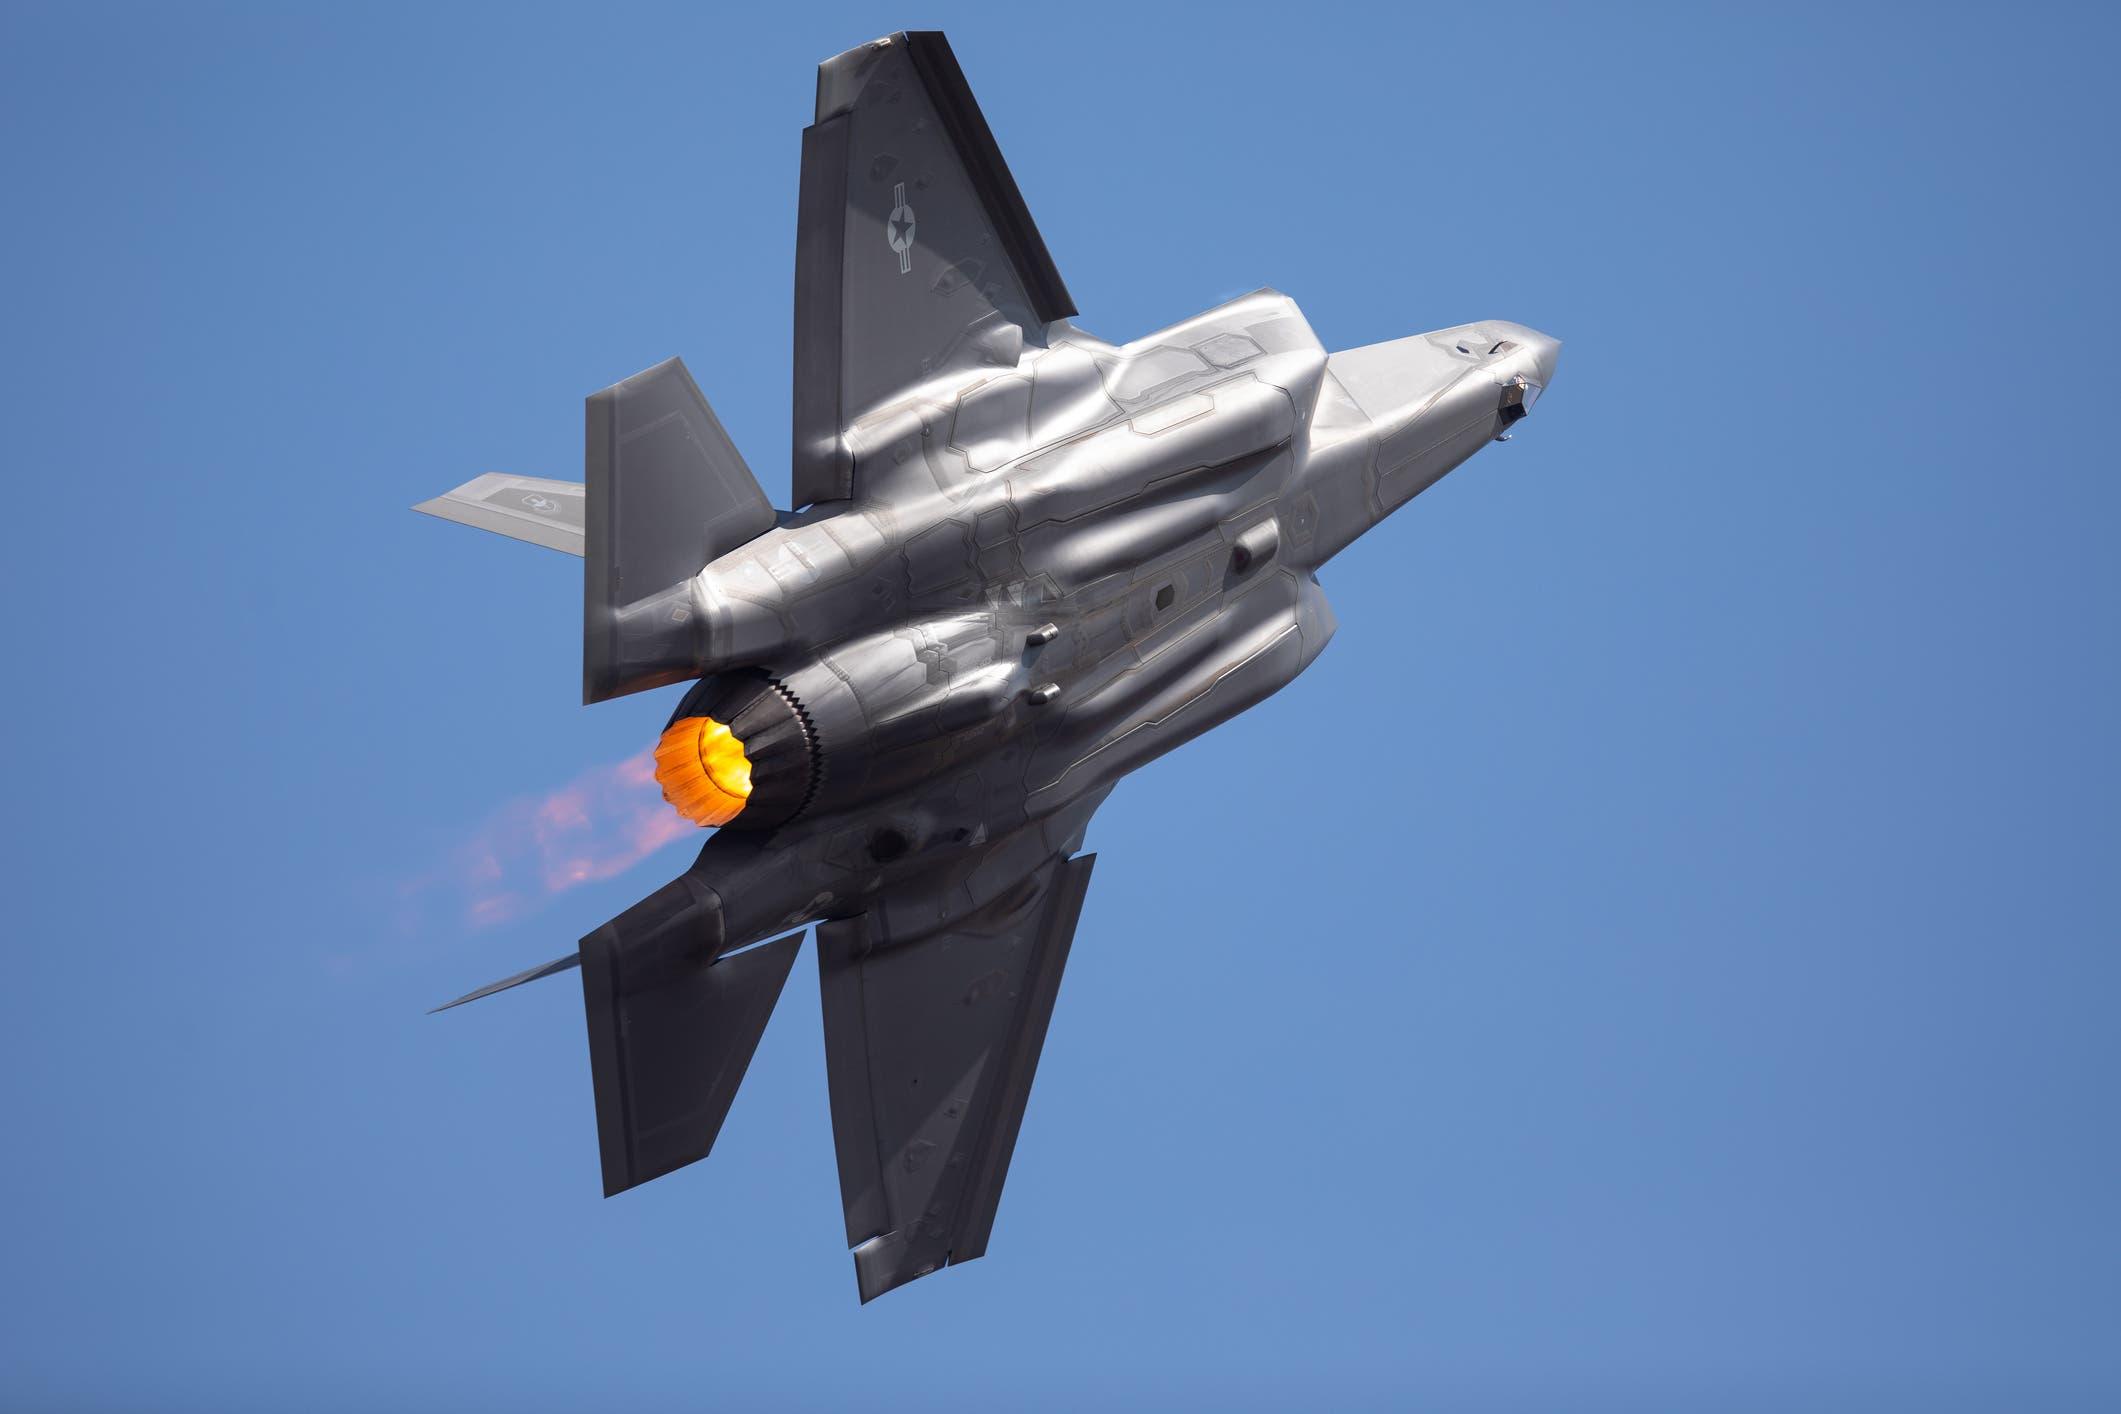 المقاتلة المتطورة F-35